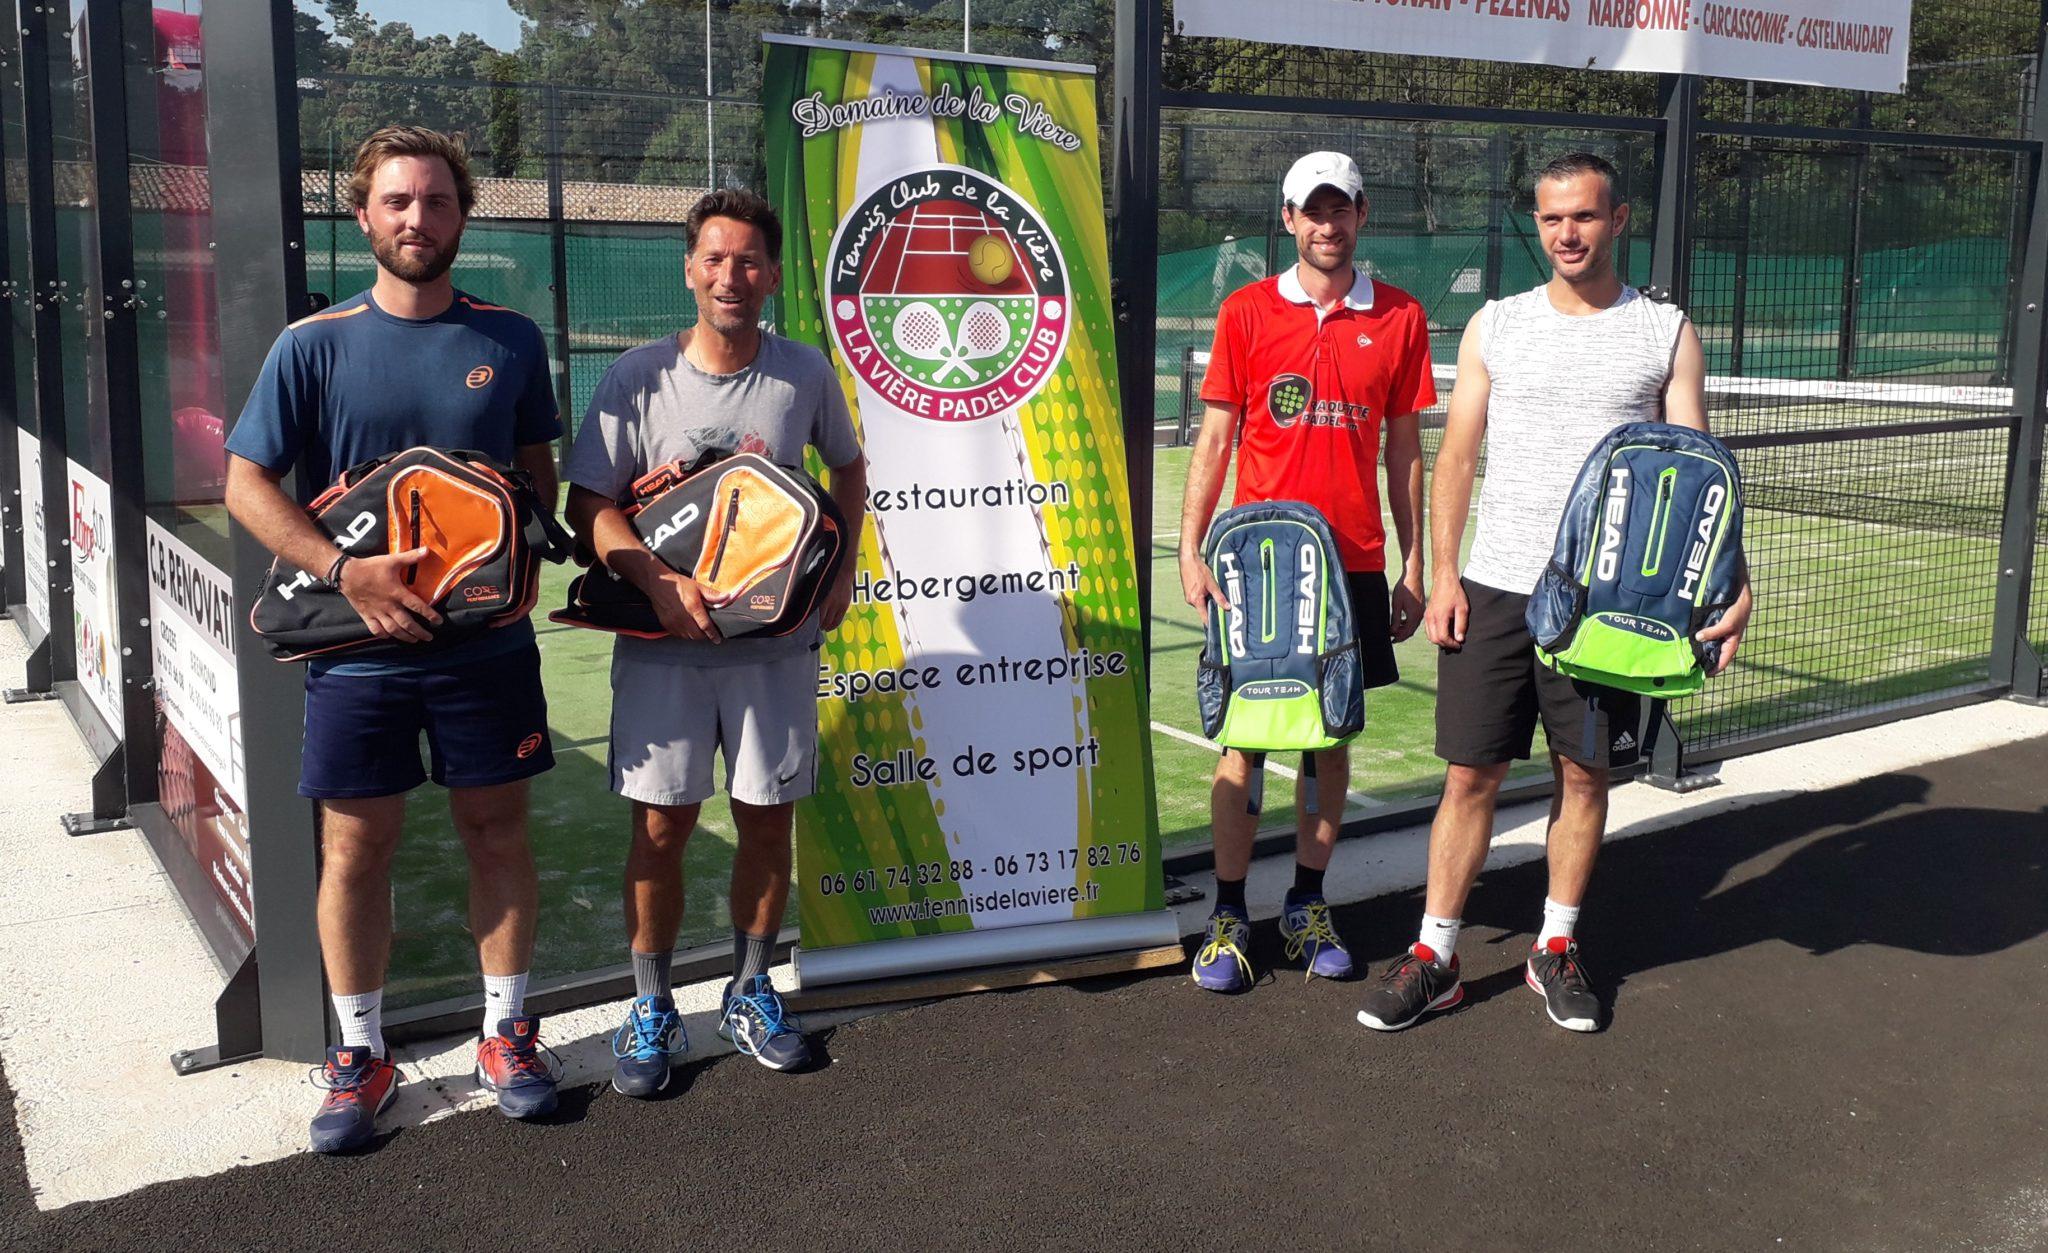 Sanchez / Serin i Mateo / Ricart wygrywają HPO de la Vière